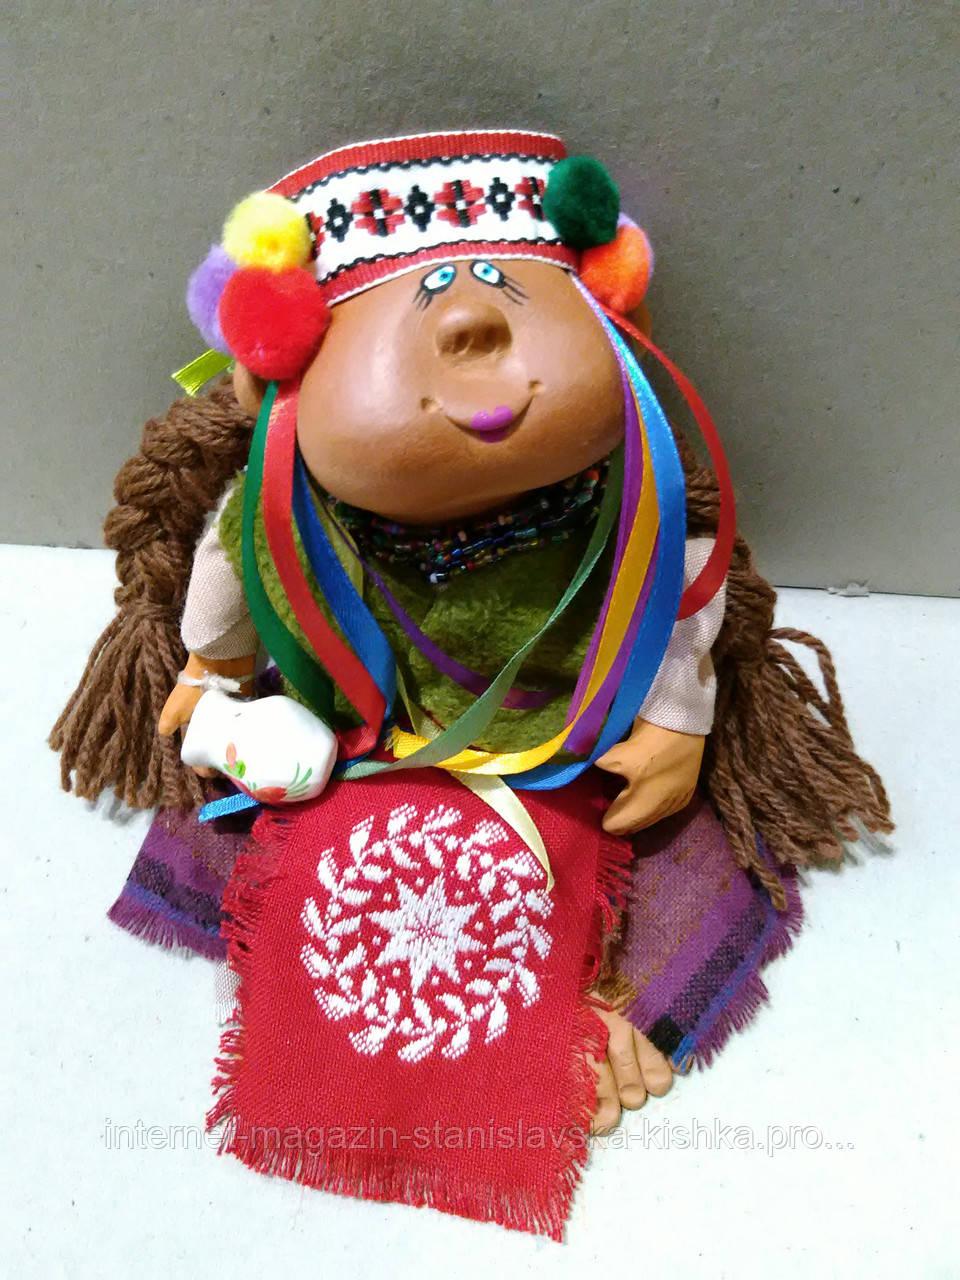 Лялька ГУЦУЛКА авторська ручна робота 35 см, текстиль, кераміка